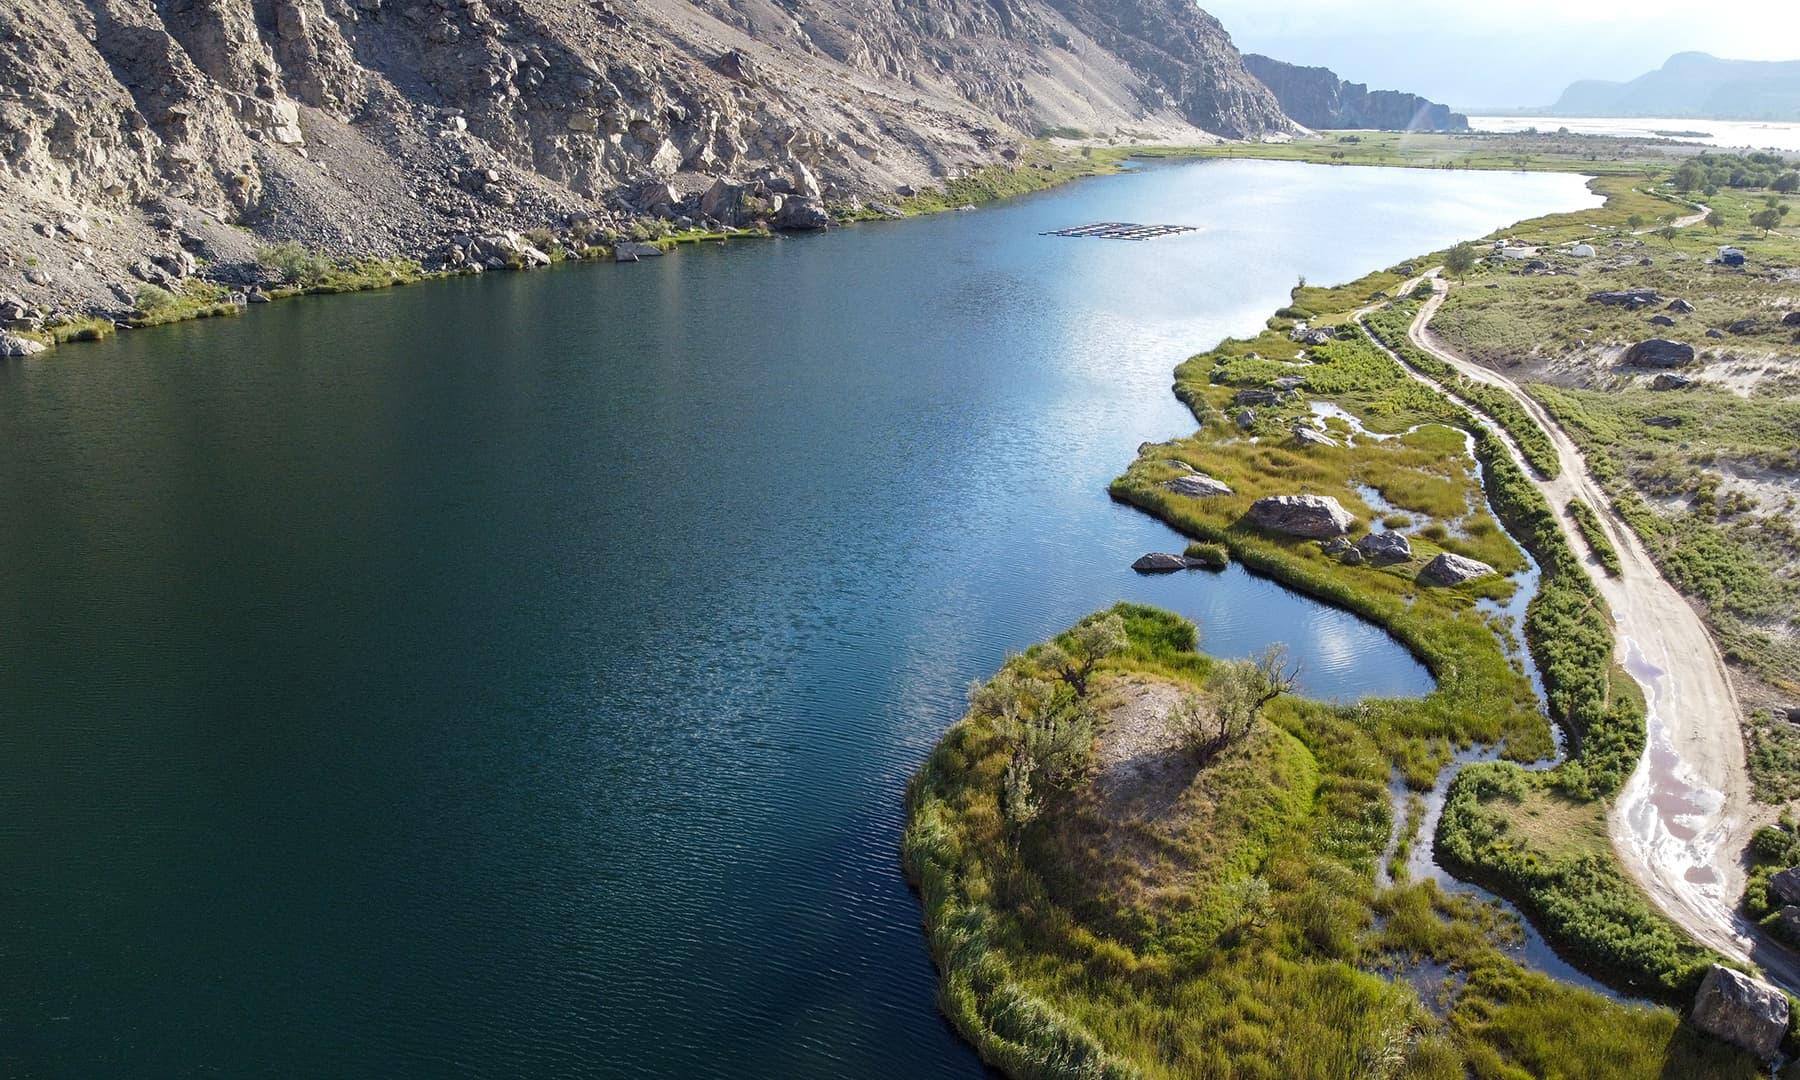 شگر کی مشہور اندھی جھیل جسے زربہ سو کے نام سے جانا جاتا ہے